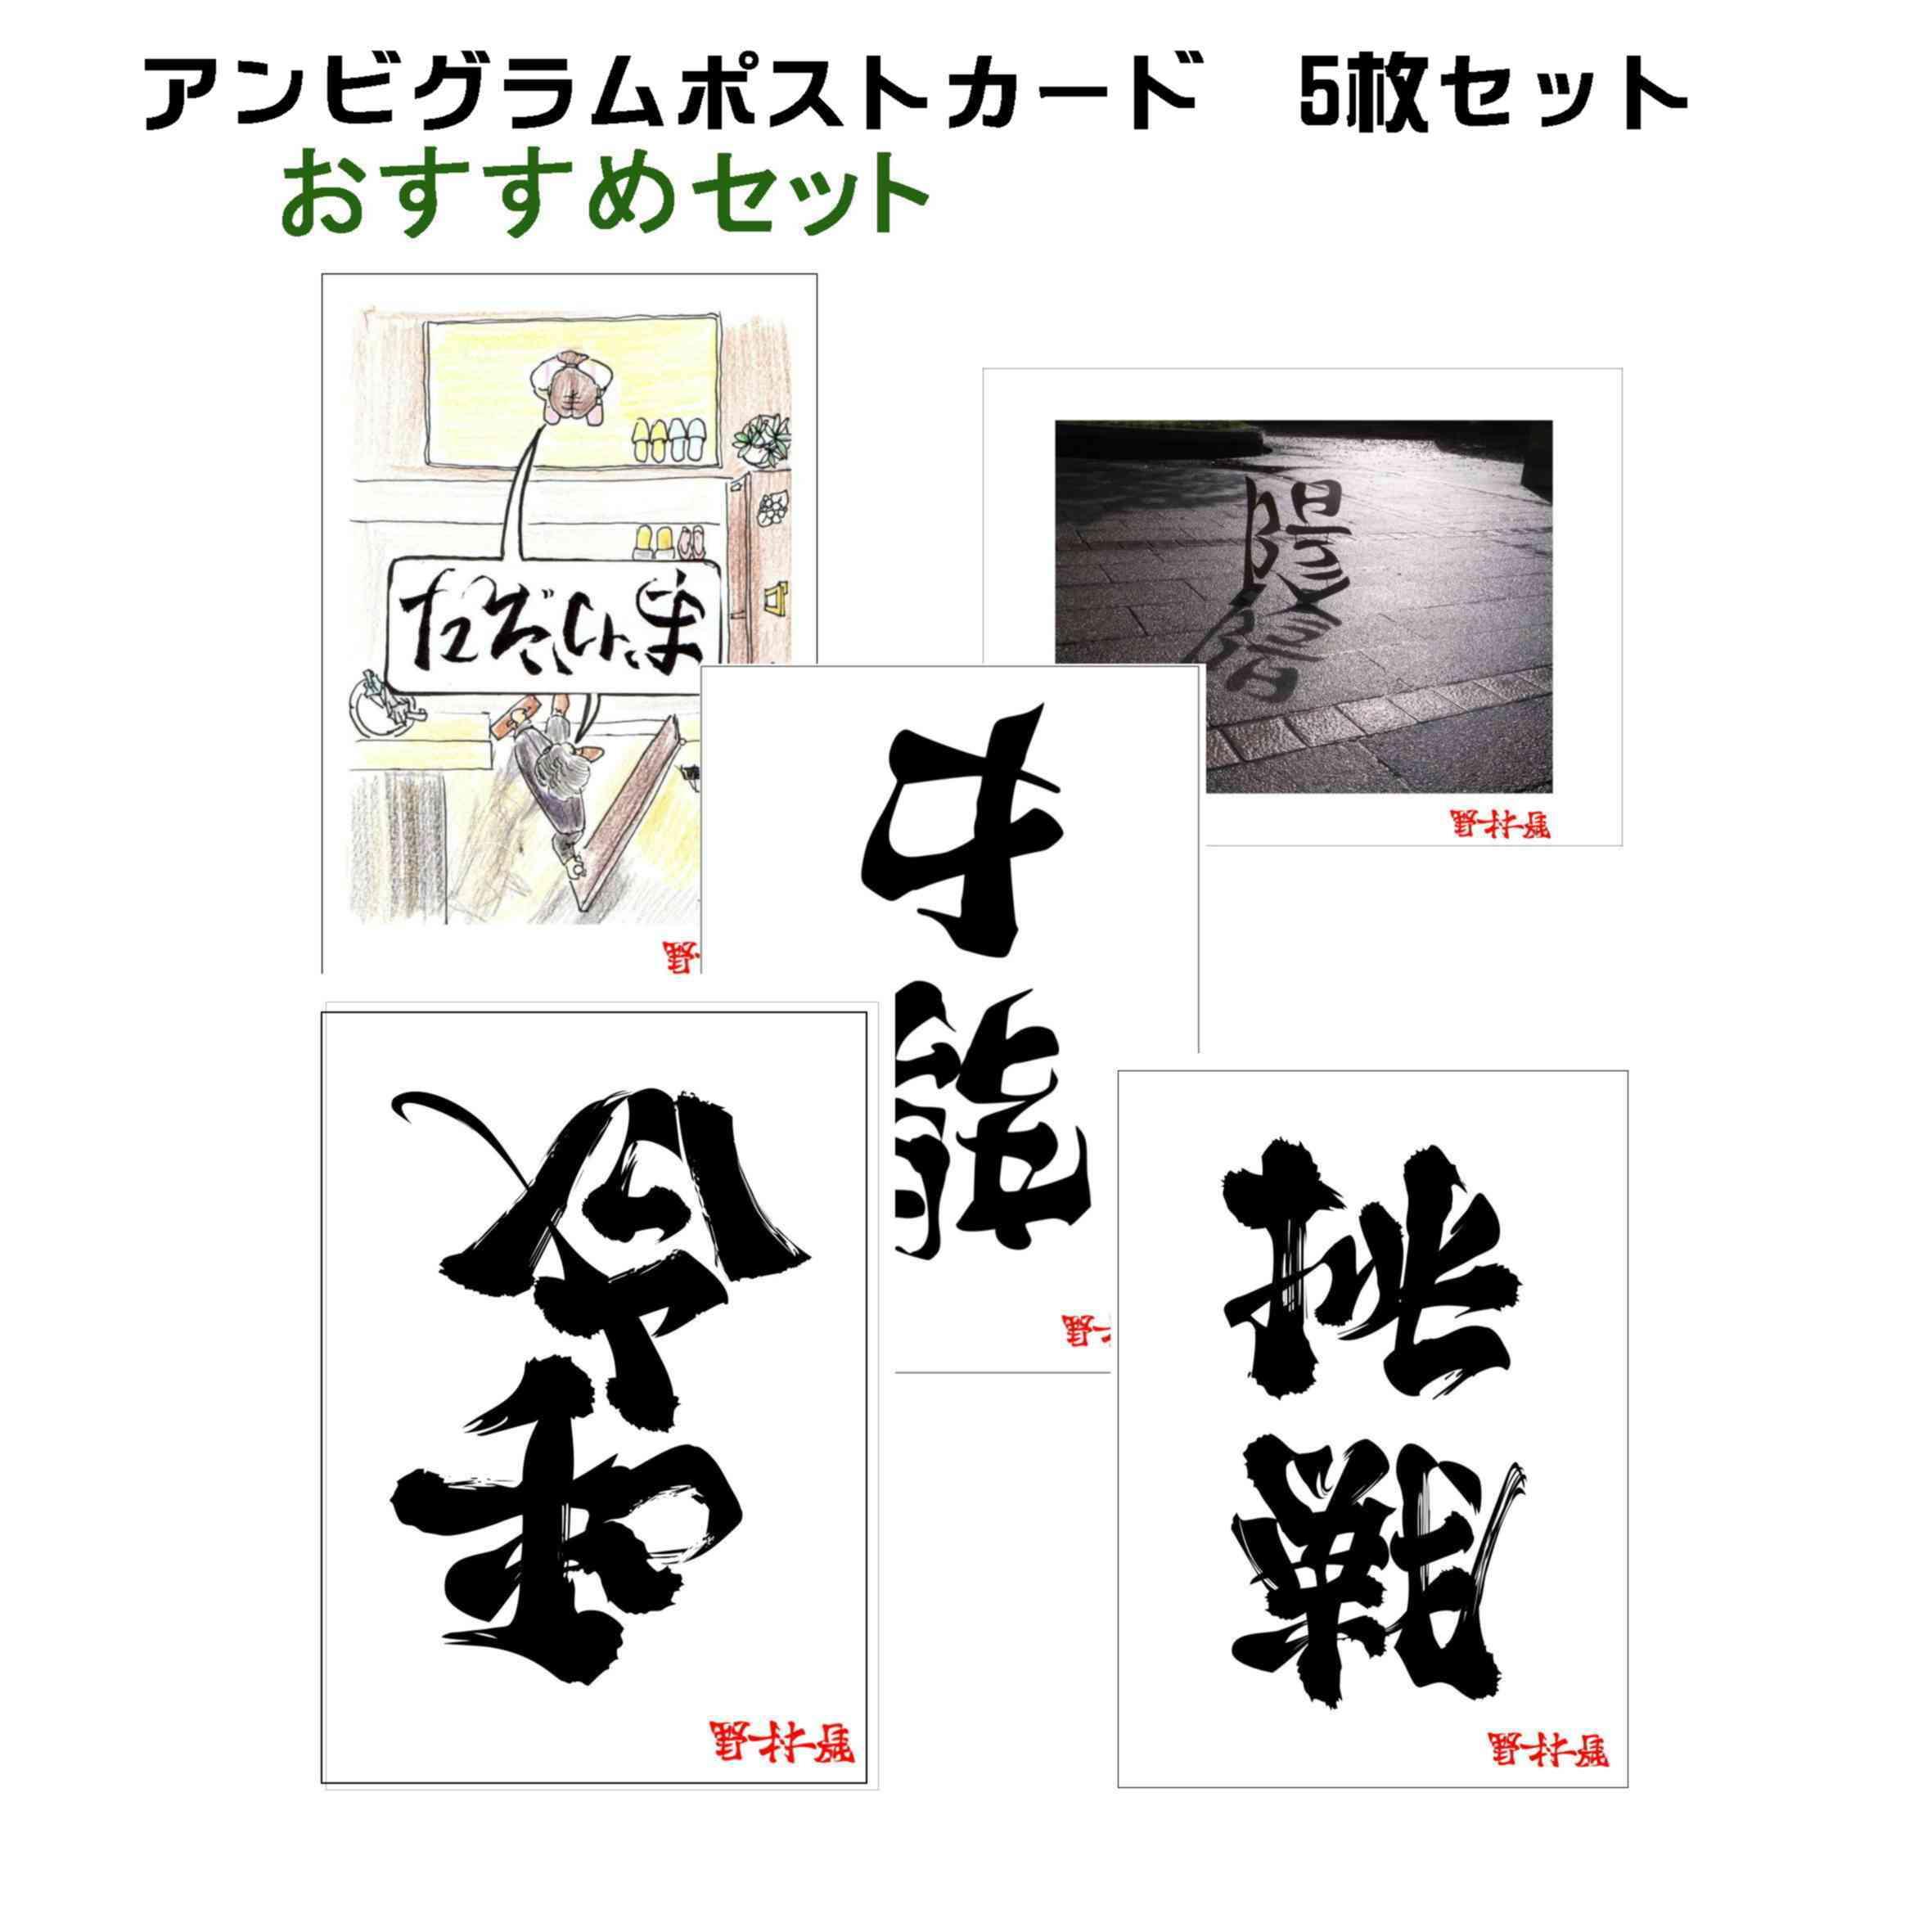 おすすめセット(ポストカードサイズ・5枚)